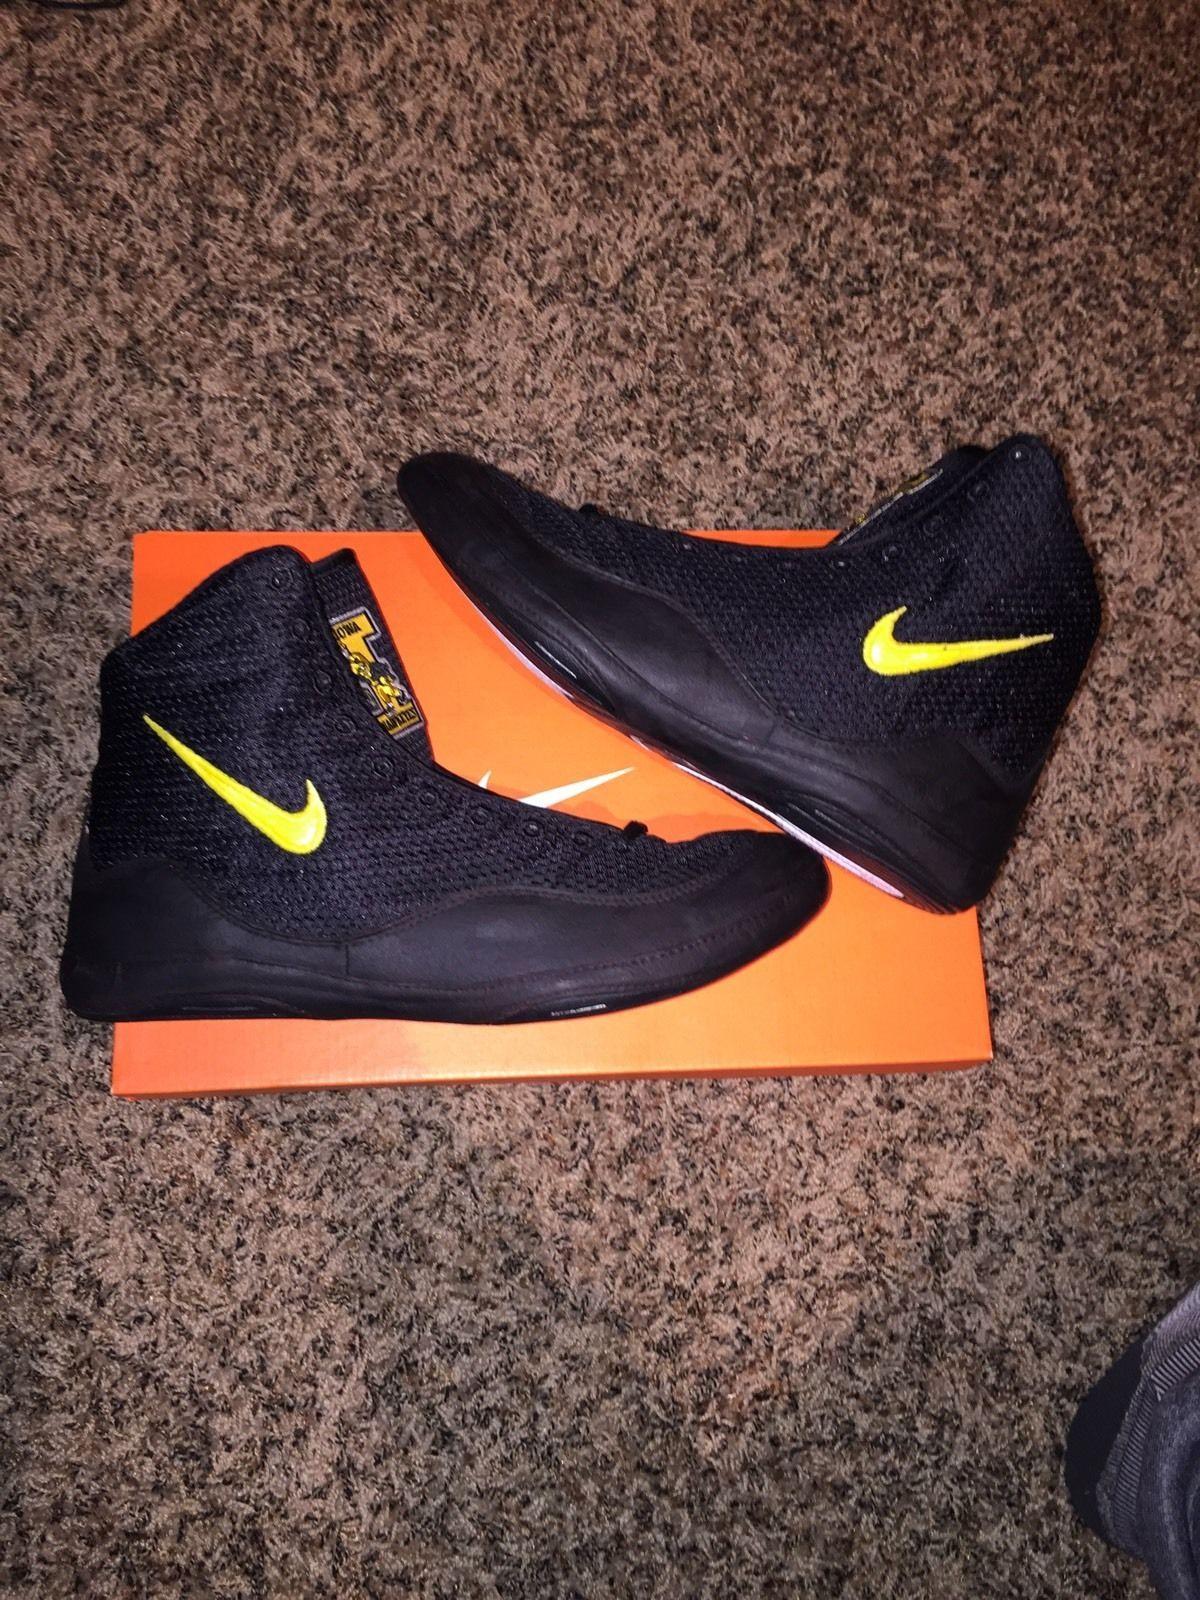 547f38dfe2ef Iowa Hawkeyes Nike Inflict Wrestling Shoes